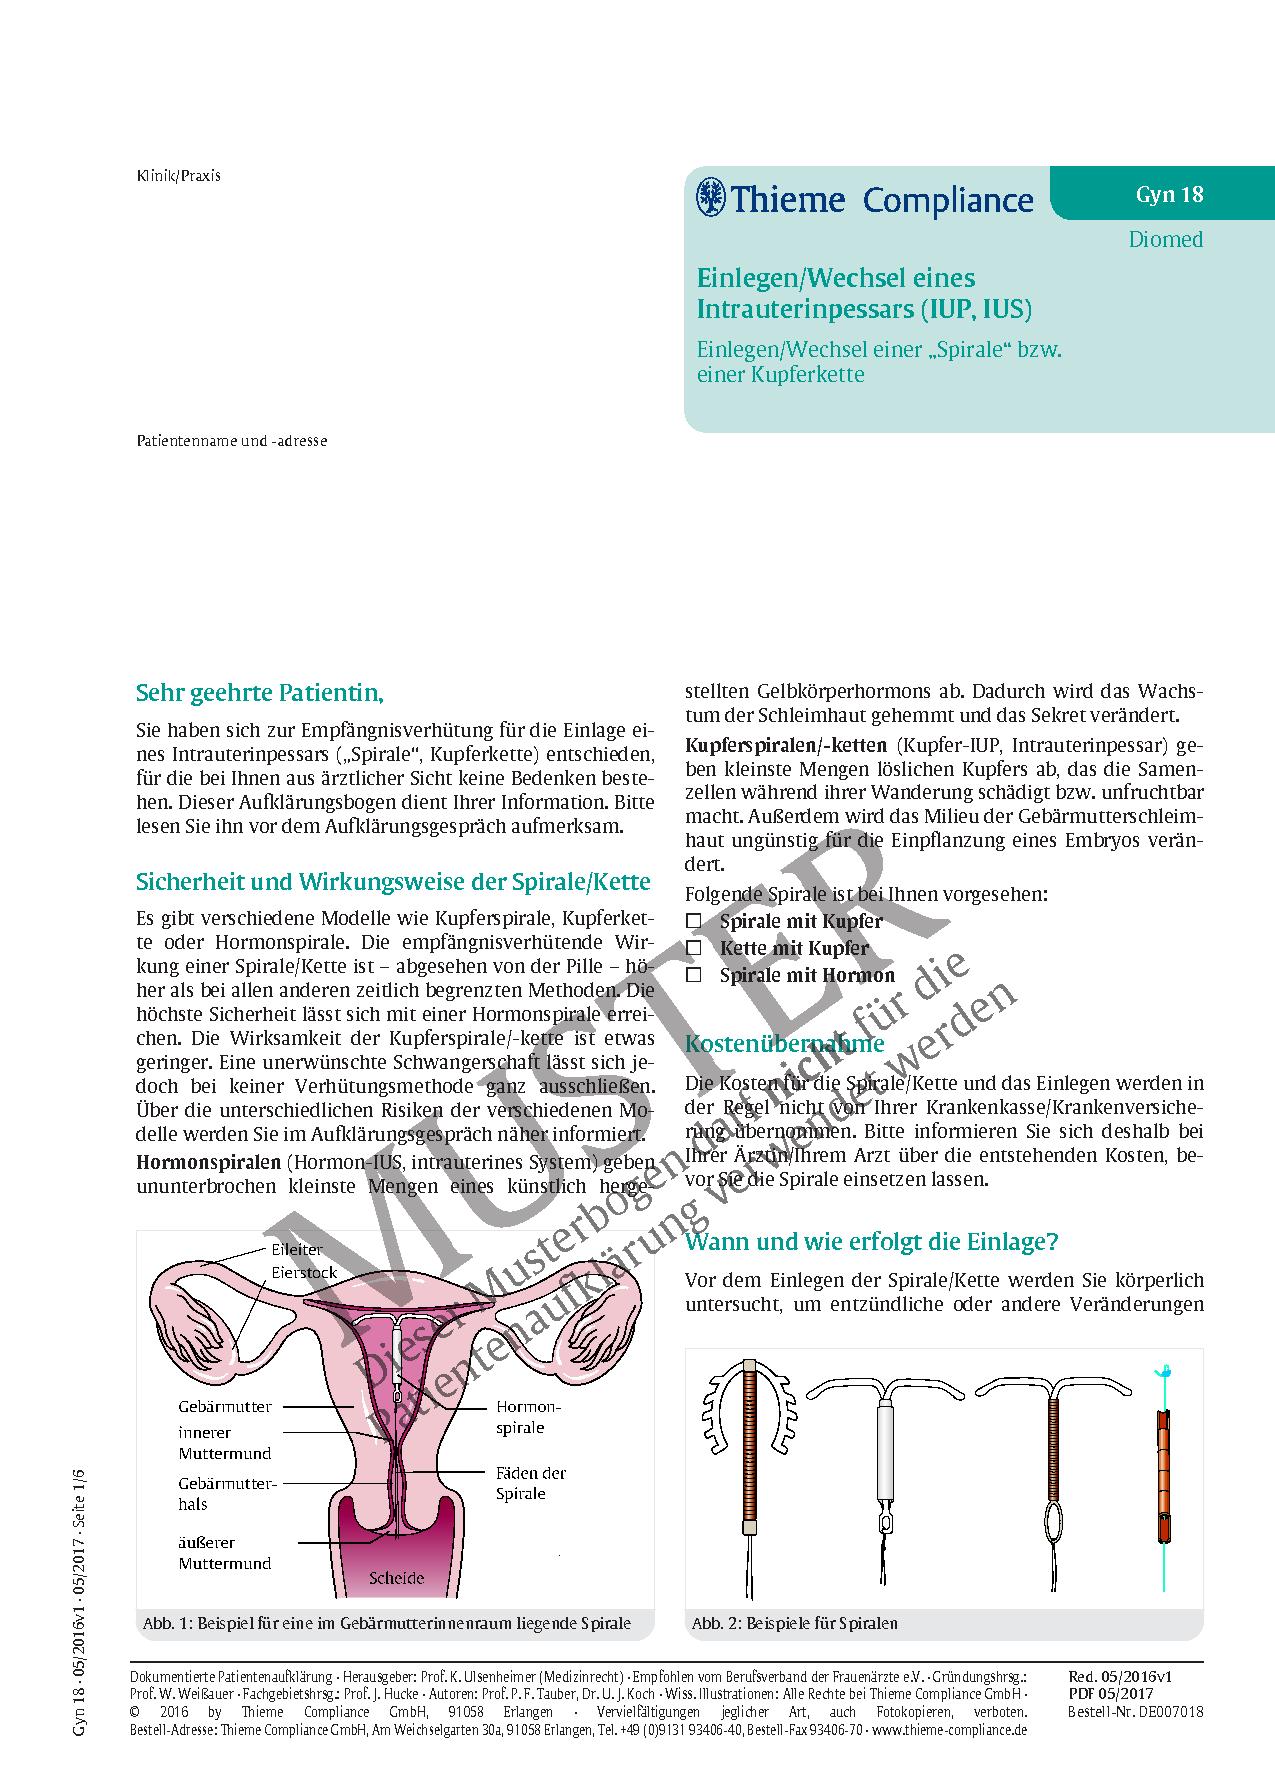 Schön Eileiter Funktion Fotos - Anatomie Von Menschlichen ...